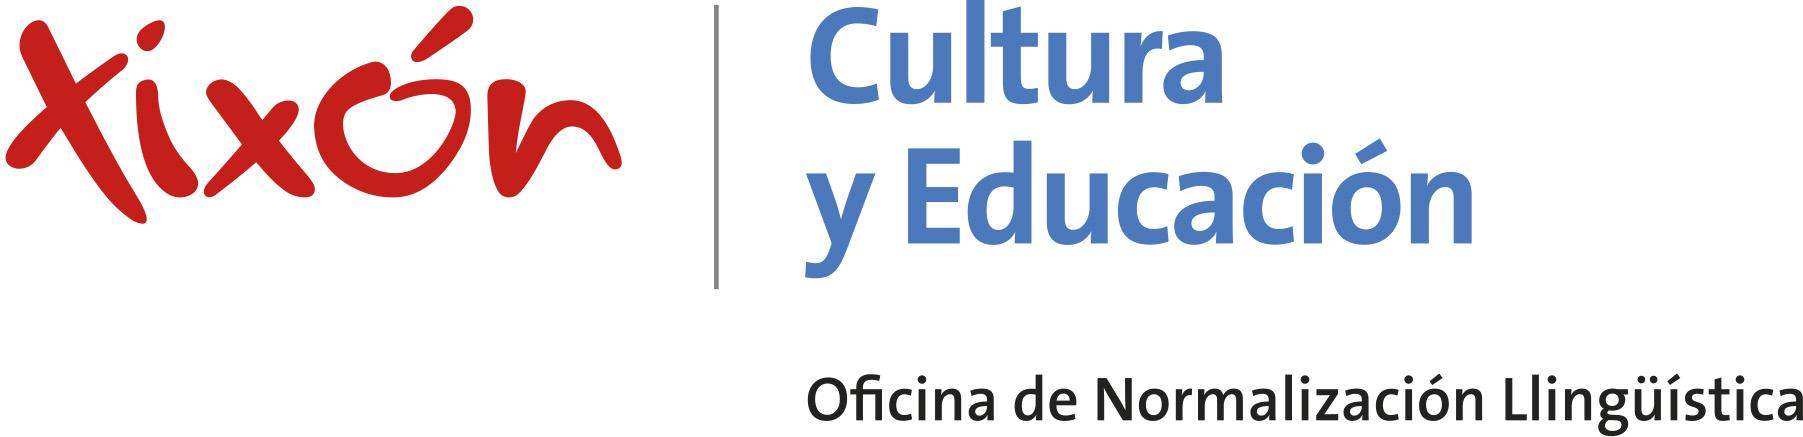 Xixón | Educación y Cultura - Oficina de normalización llingüística